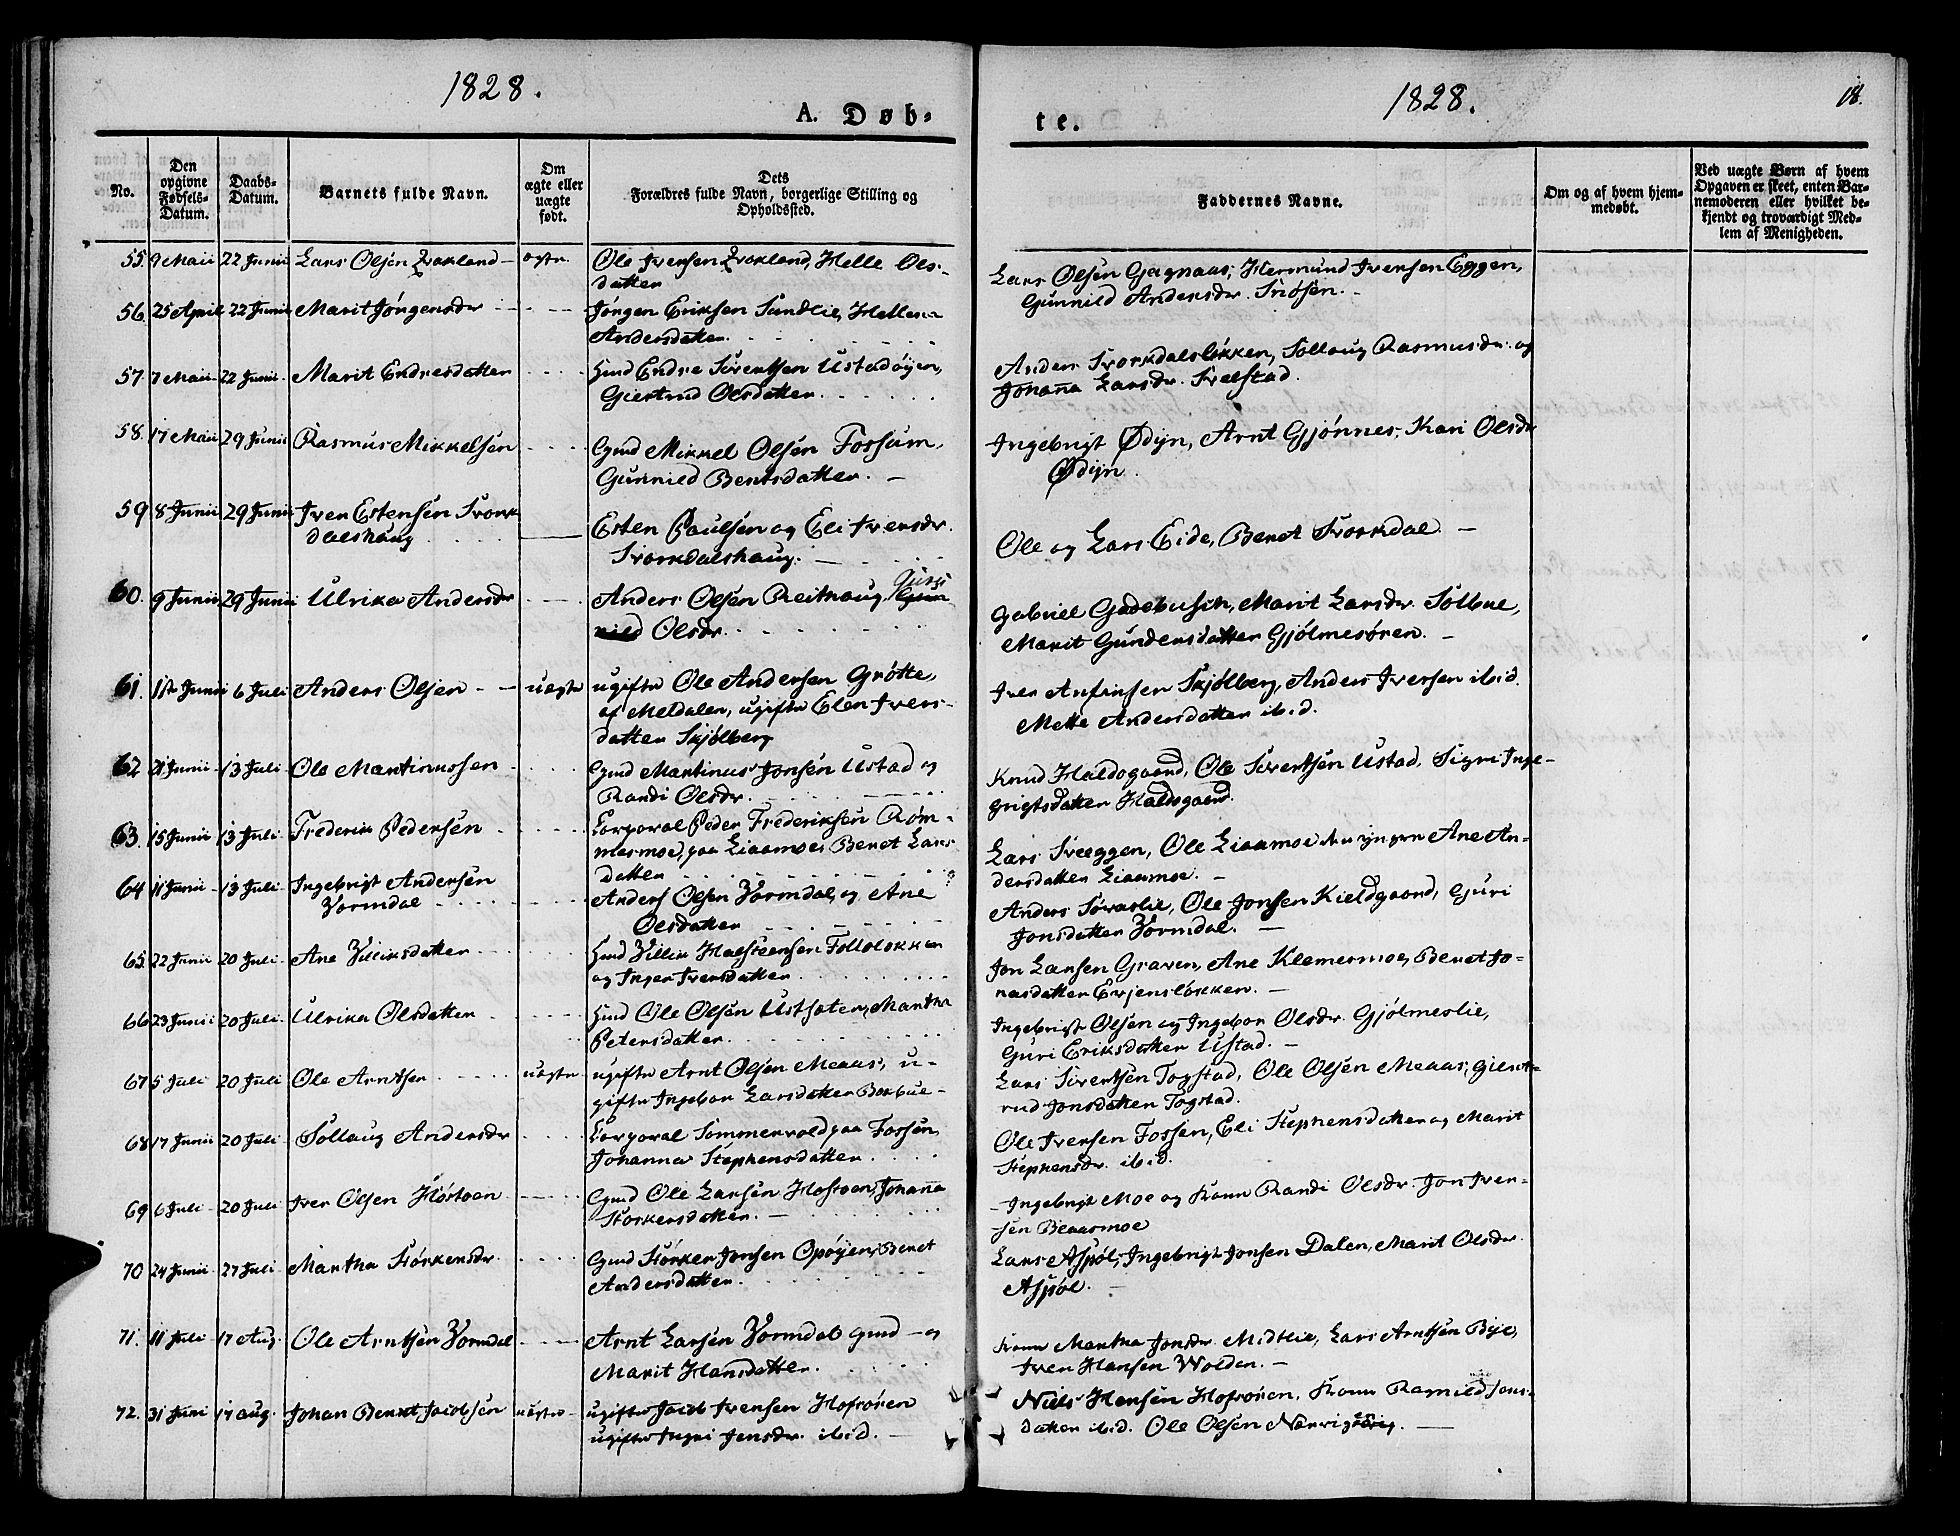 SAT, Ministerialprotokoller, klokkerbøker og fødselsregistre - Sør-Trøndelag, 668/L0804: Ministerialbok nr. 668A04, 1826-1839, s. 18